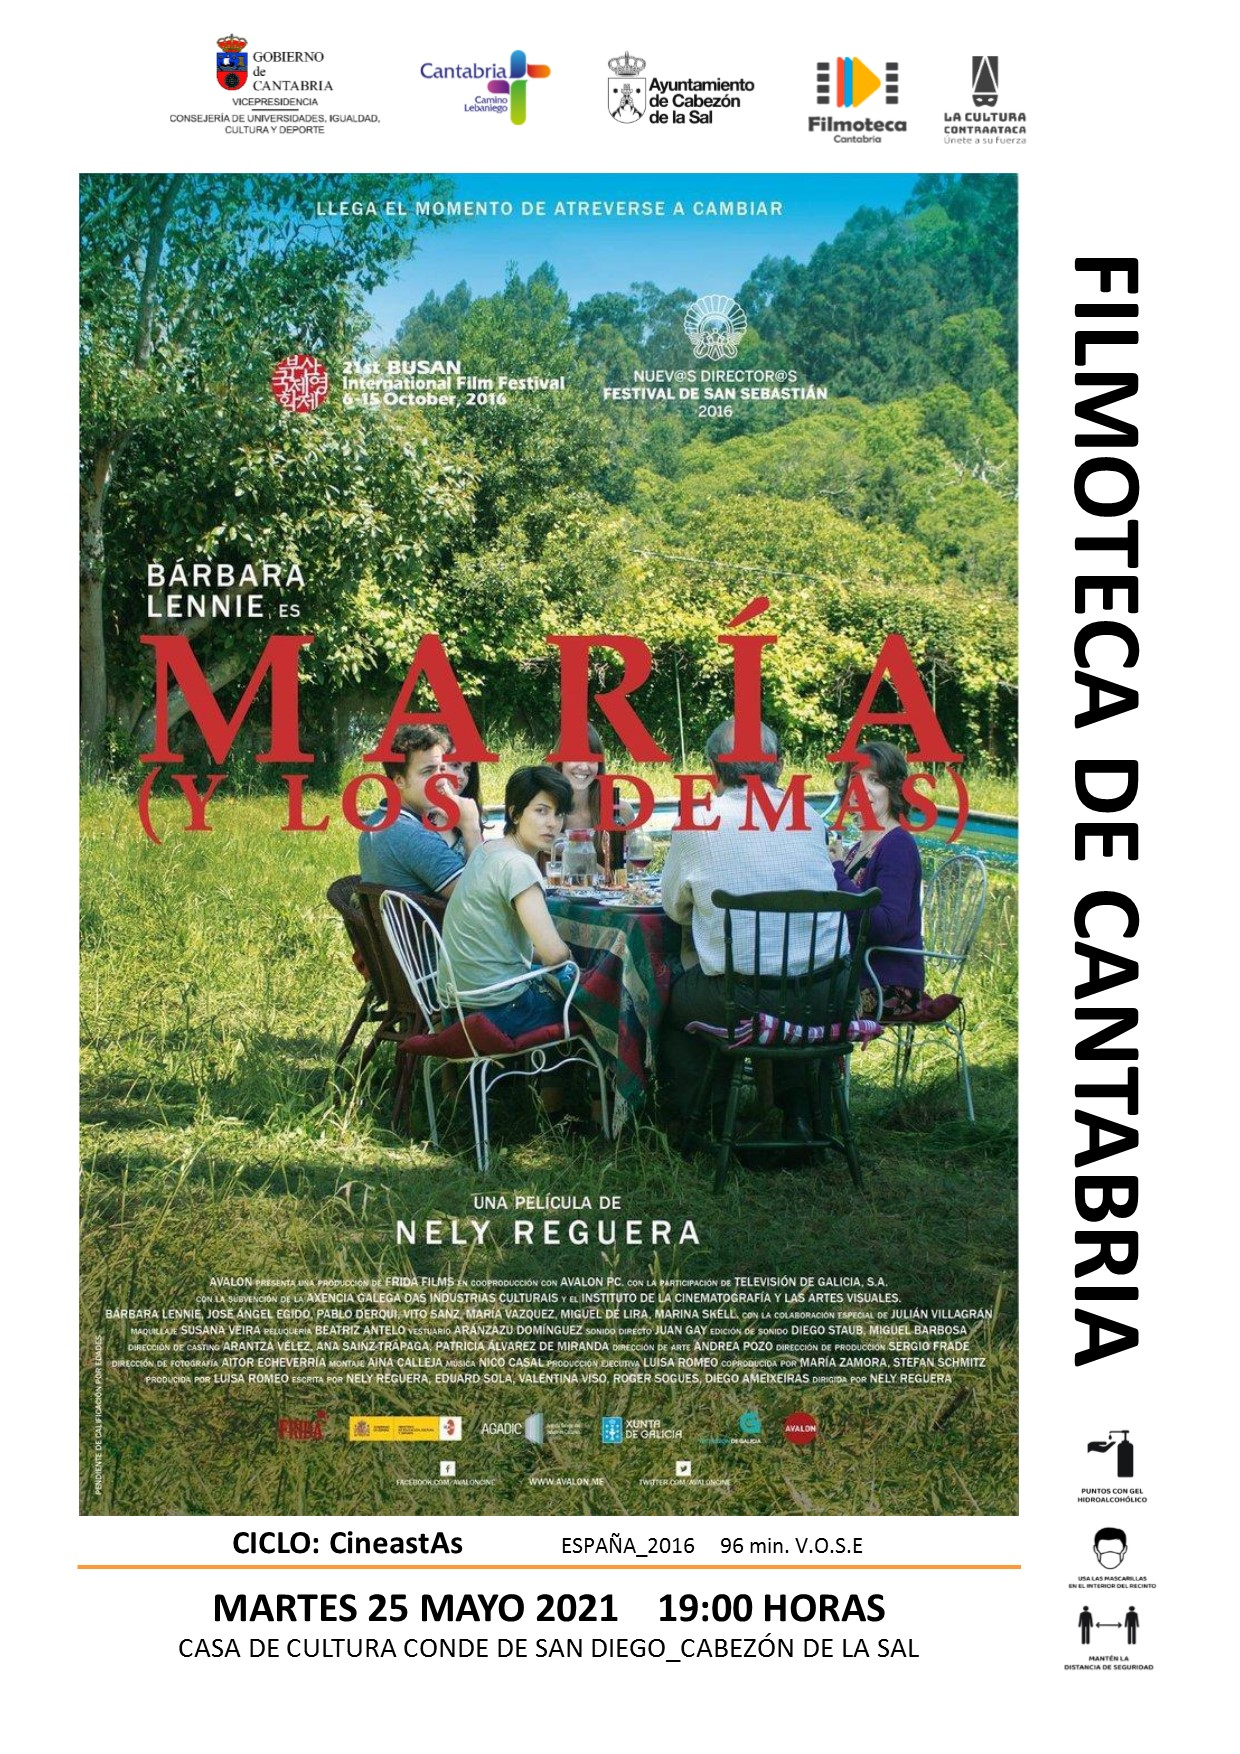 Filmoteca de Cantabria